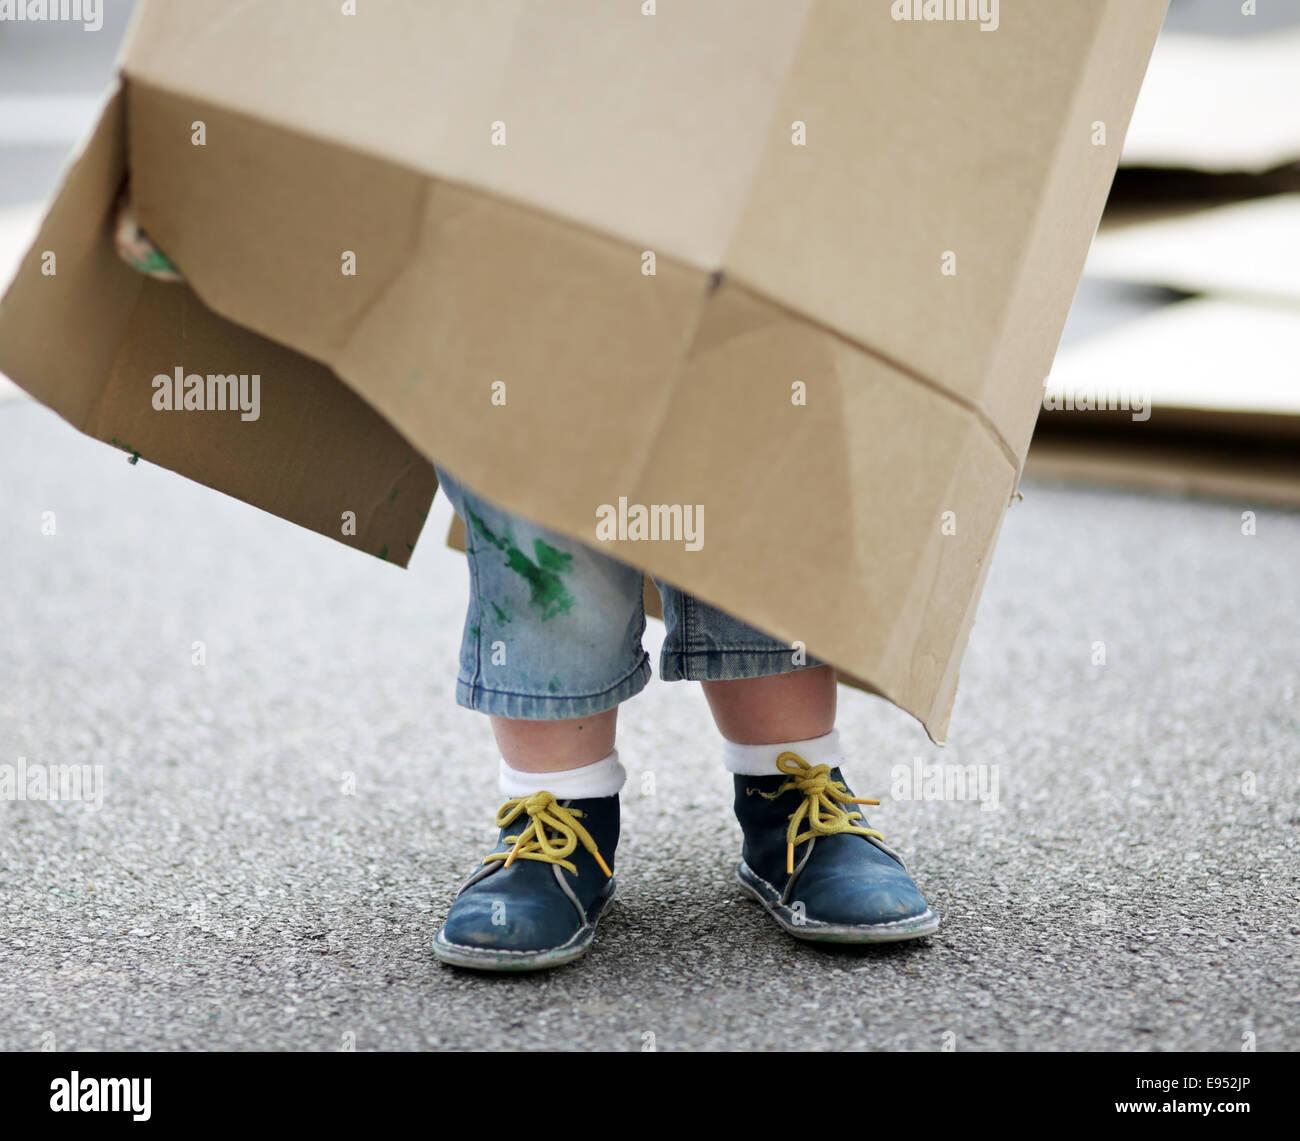 Un enfant jouant avec une boîte en carton. Banque D'Images